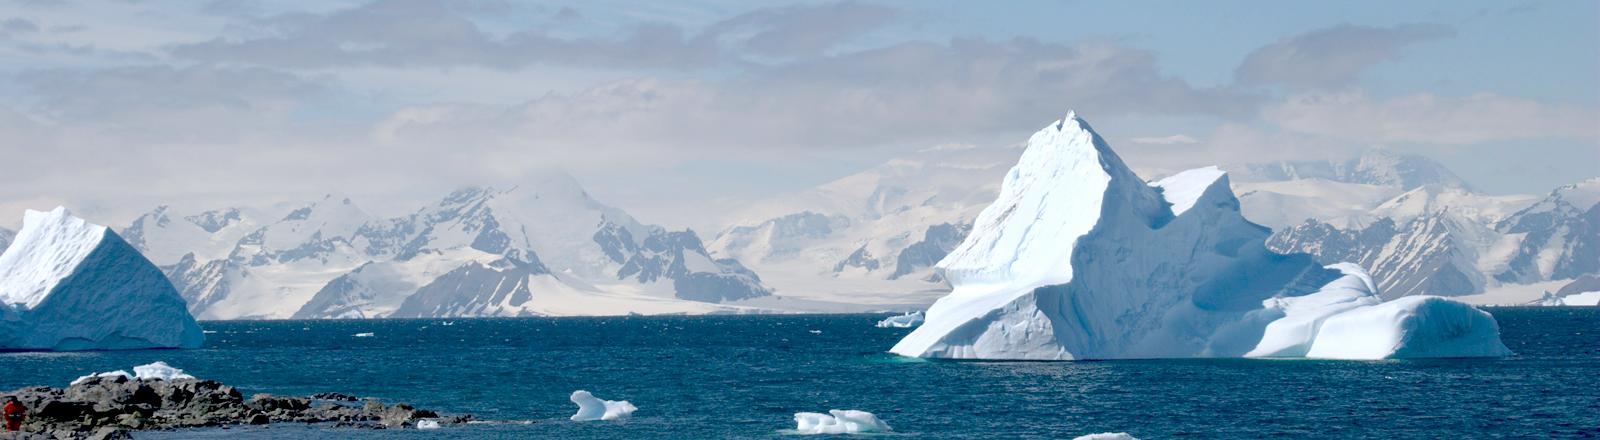 Blick auf Eisberge und Schnee